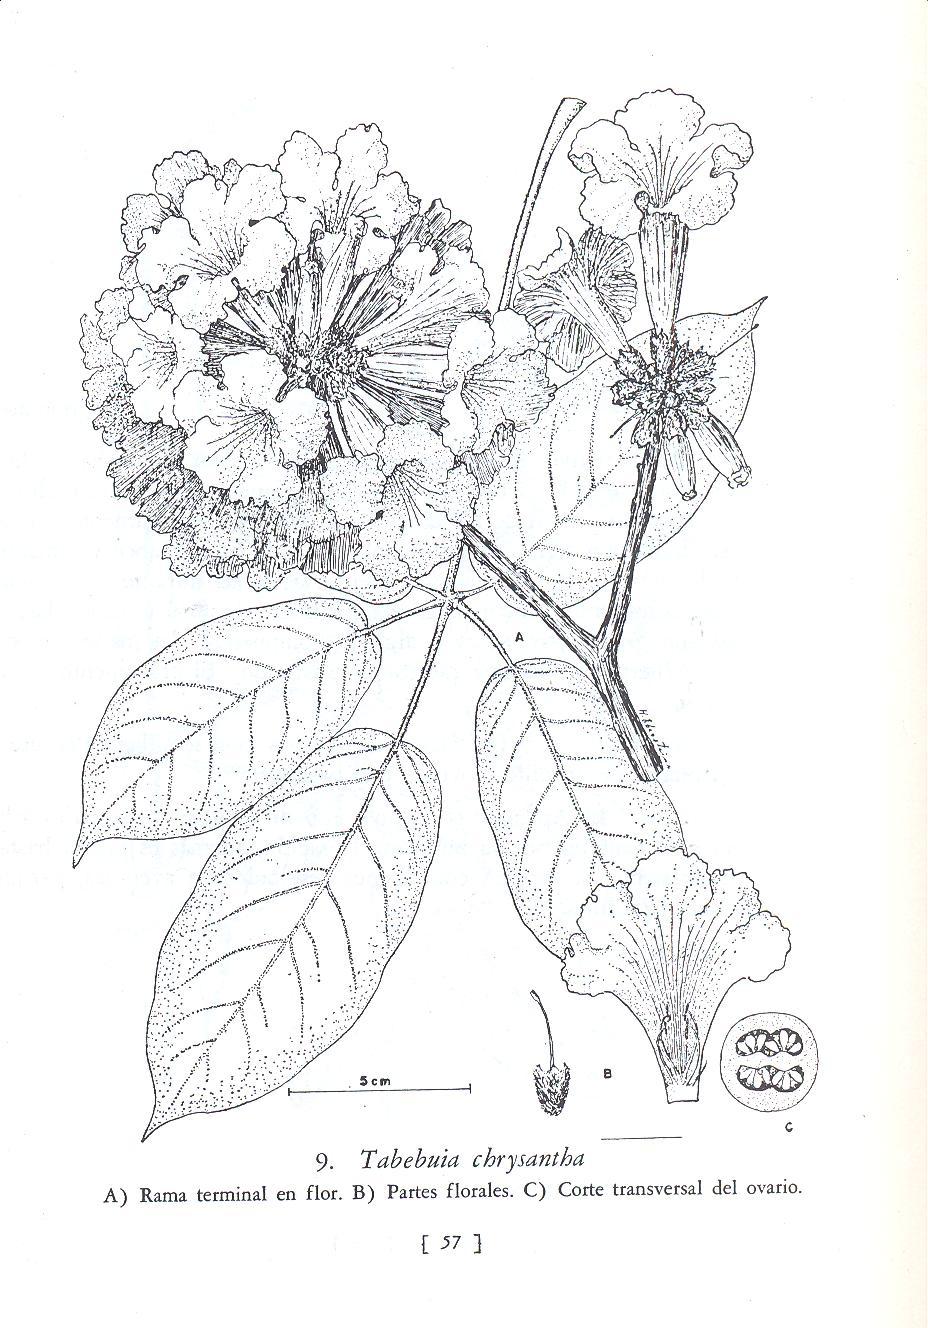 dibujo del araguaney dibujo araguaney araguaney dibujos